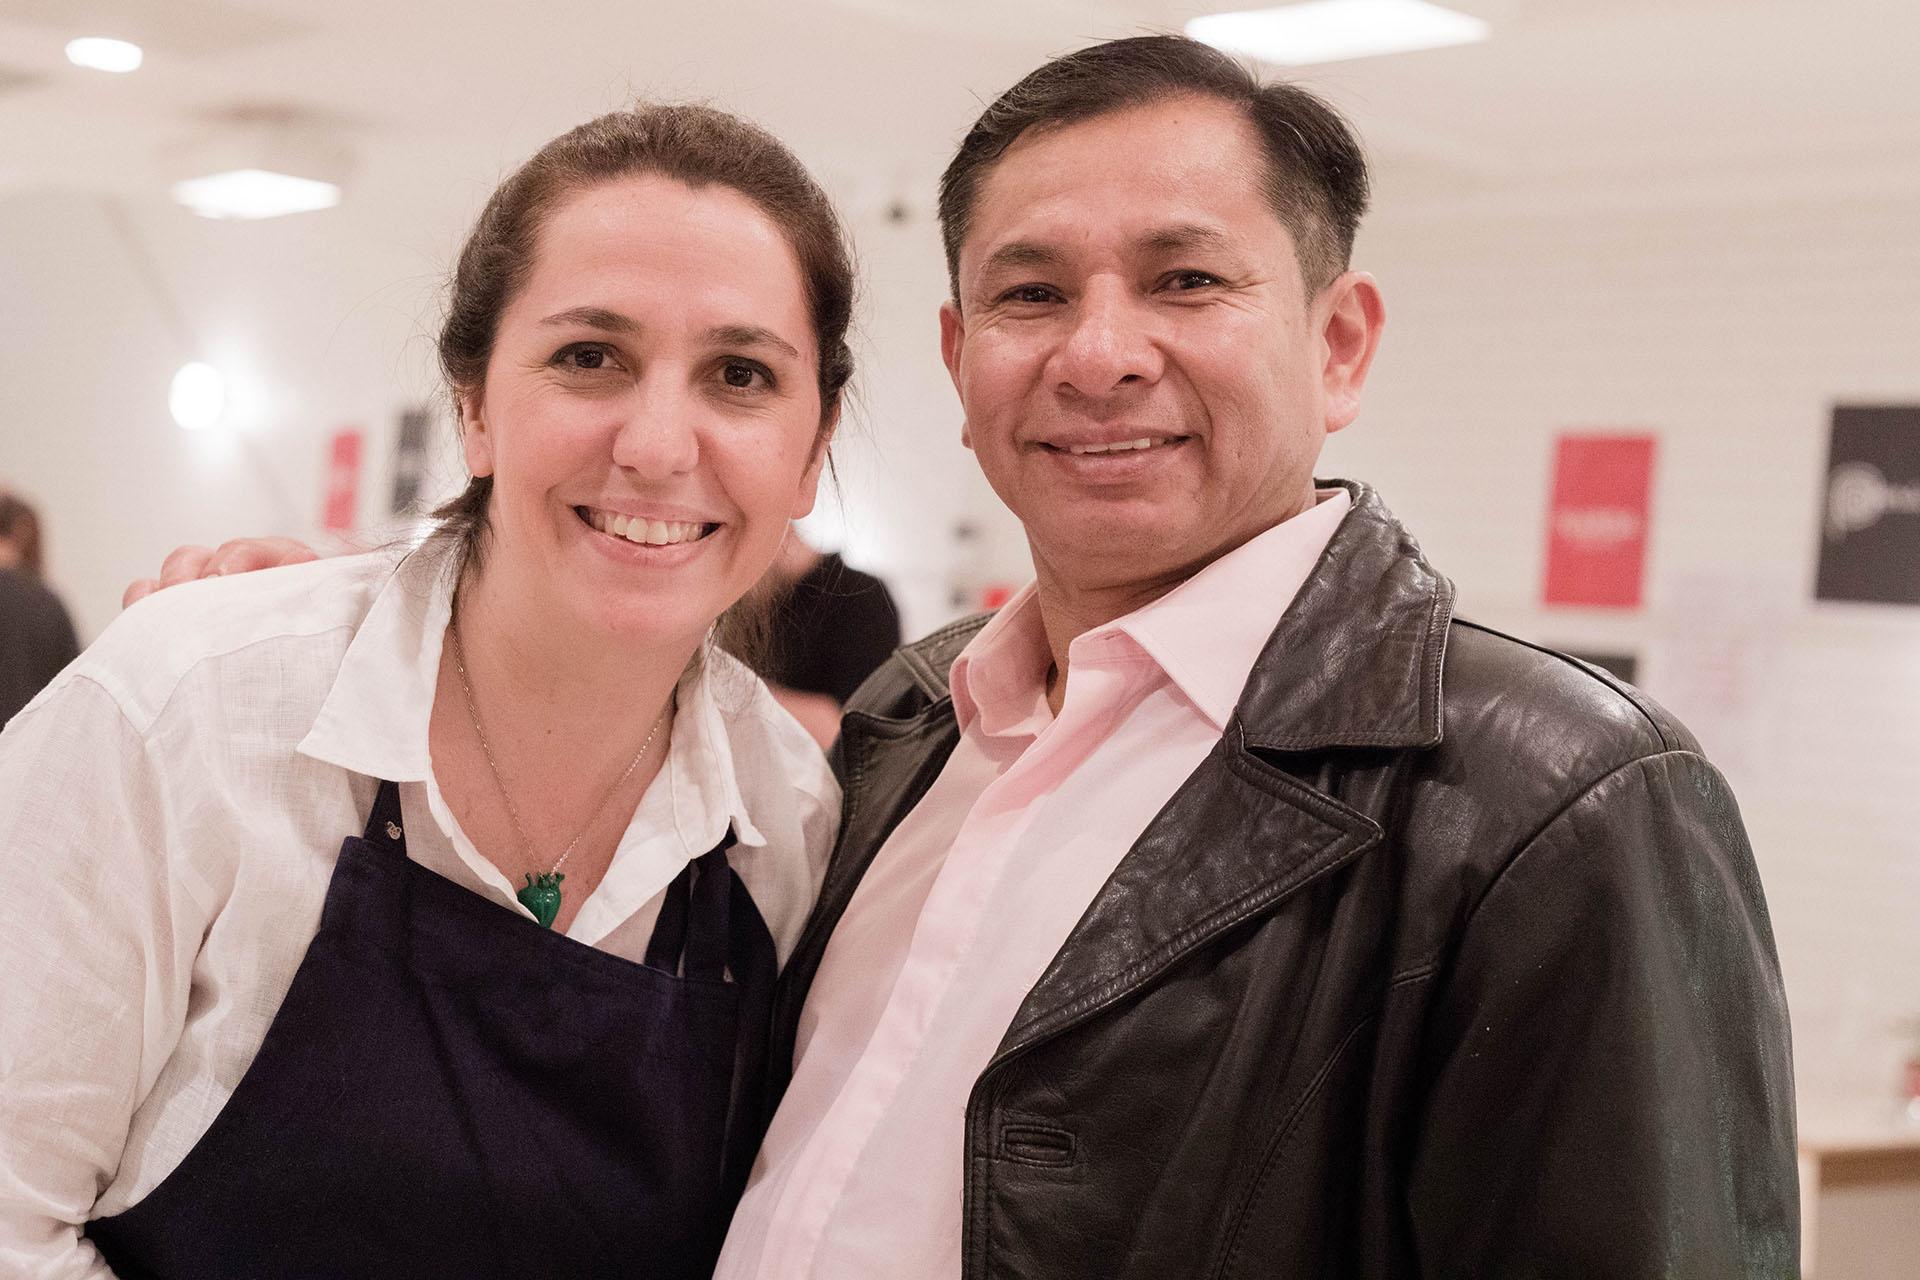 Narda Lepes y Jose Luis Zapata, chef de Las Palmeras, el restaurant peruano emplazado en la Villa 31